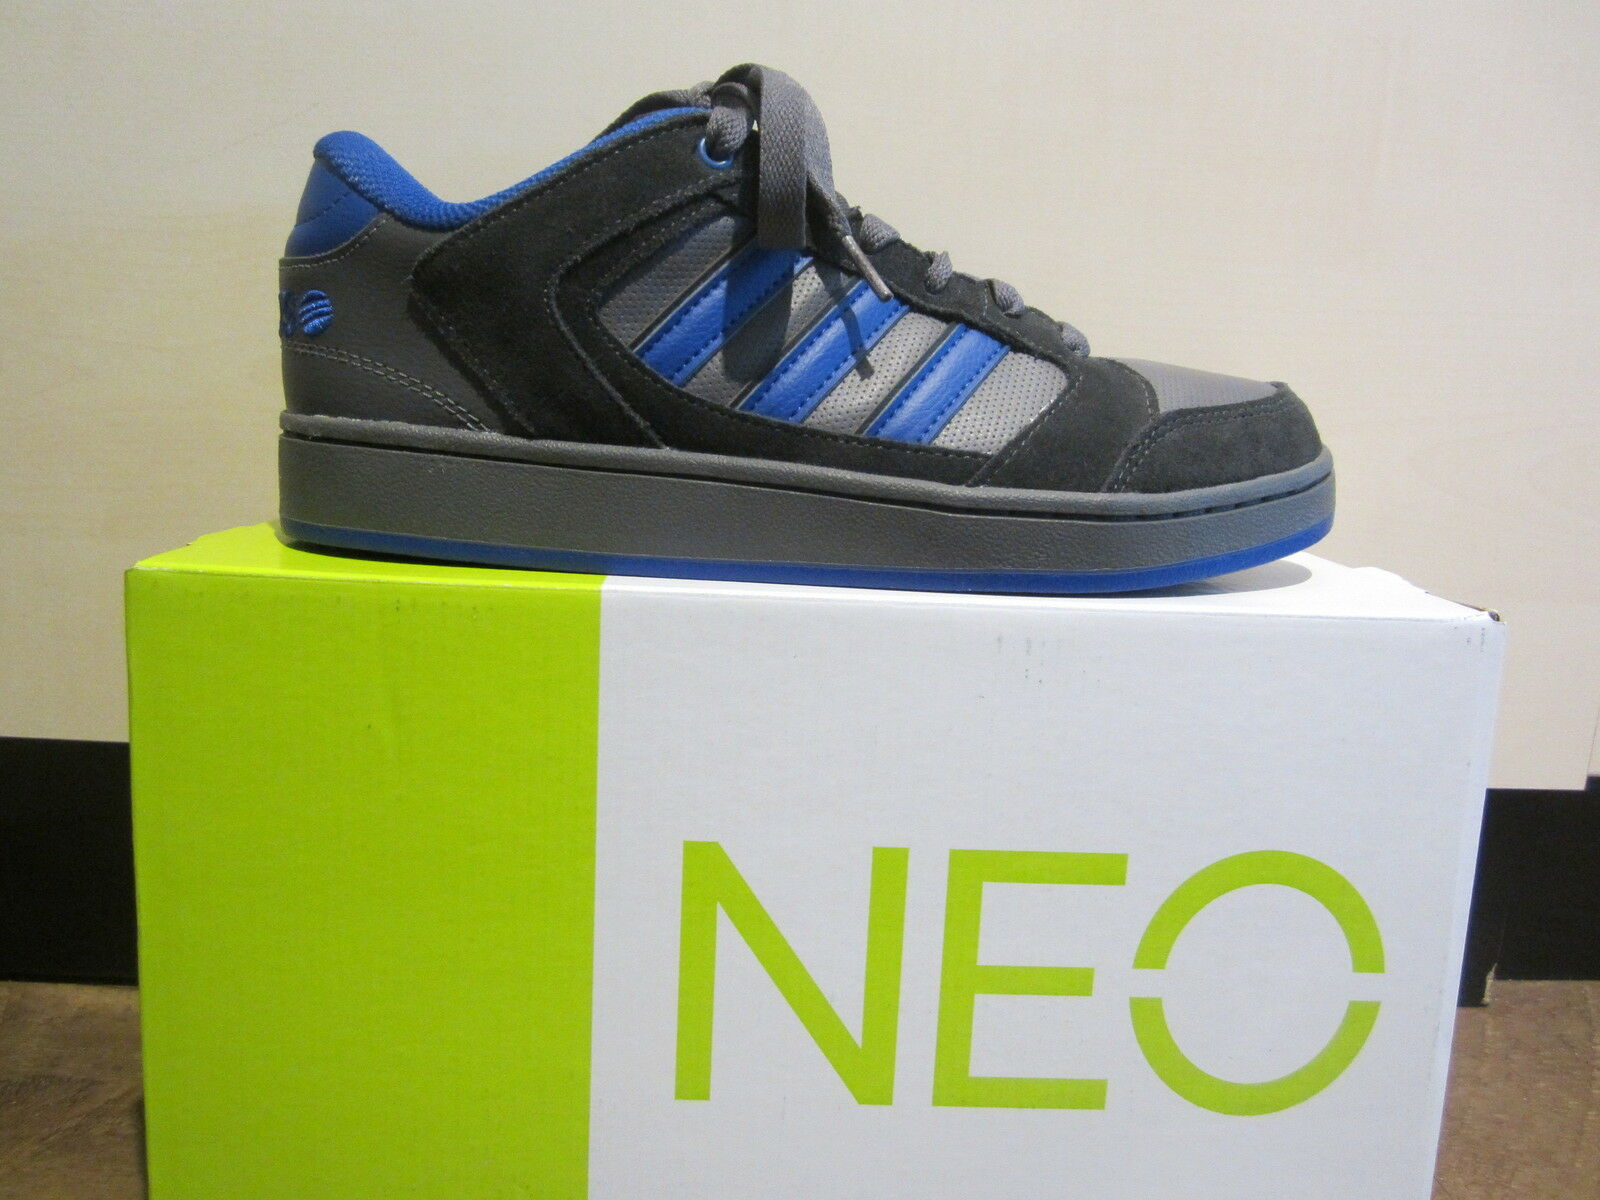 adidas Schnürschuh Chualar grau/blau grau/blau Chualar Leder/Synthetik NEU bc61df